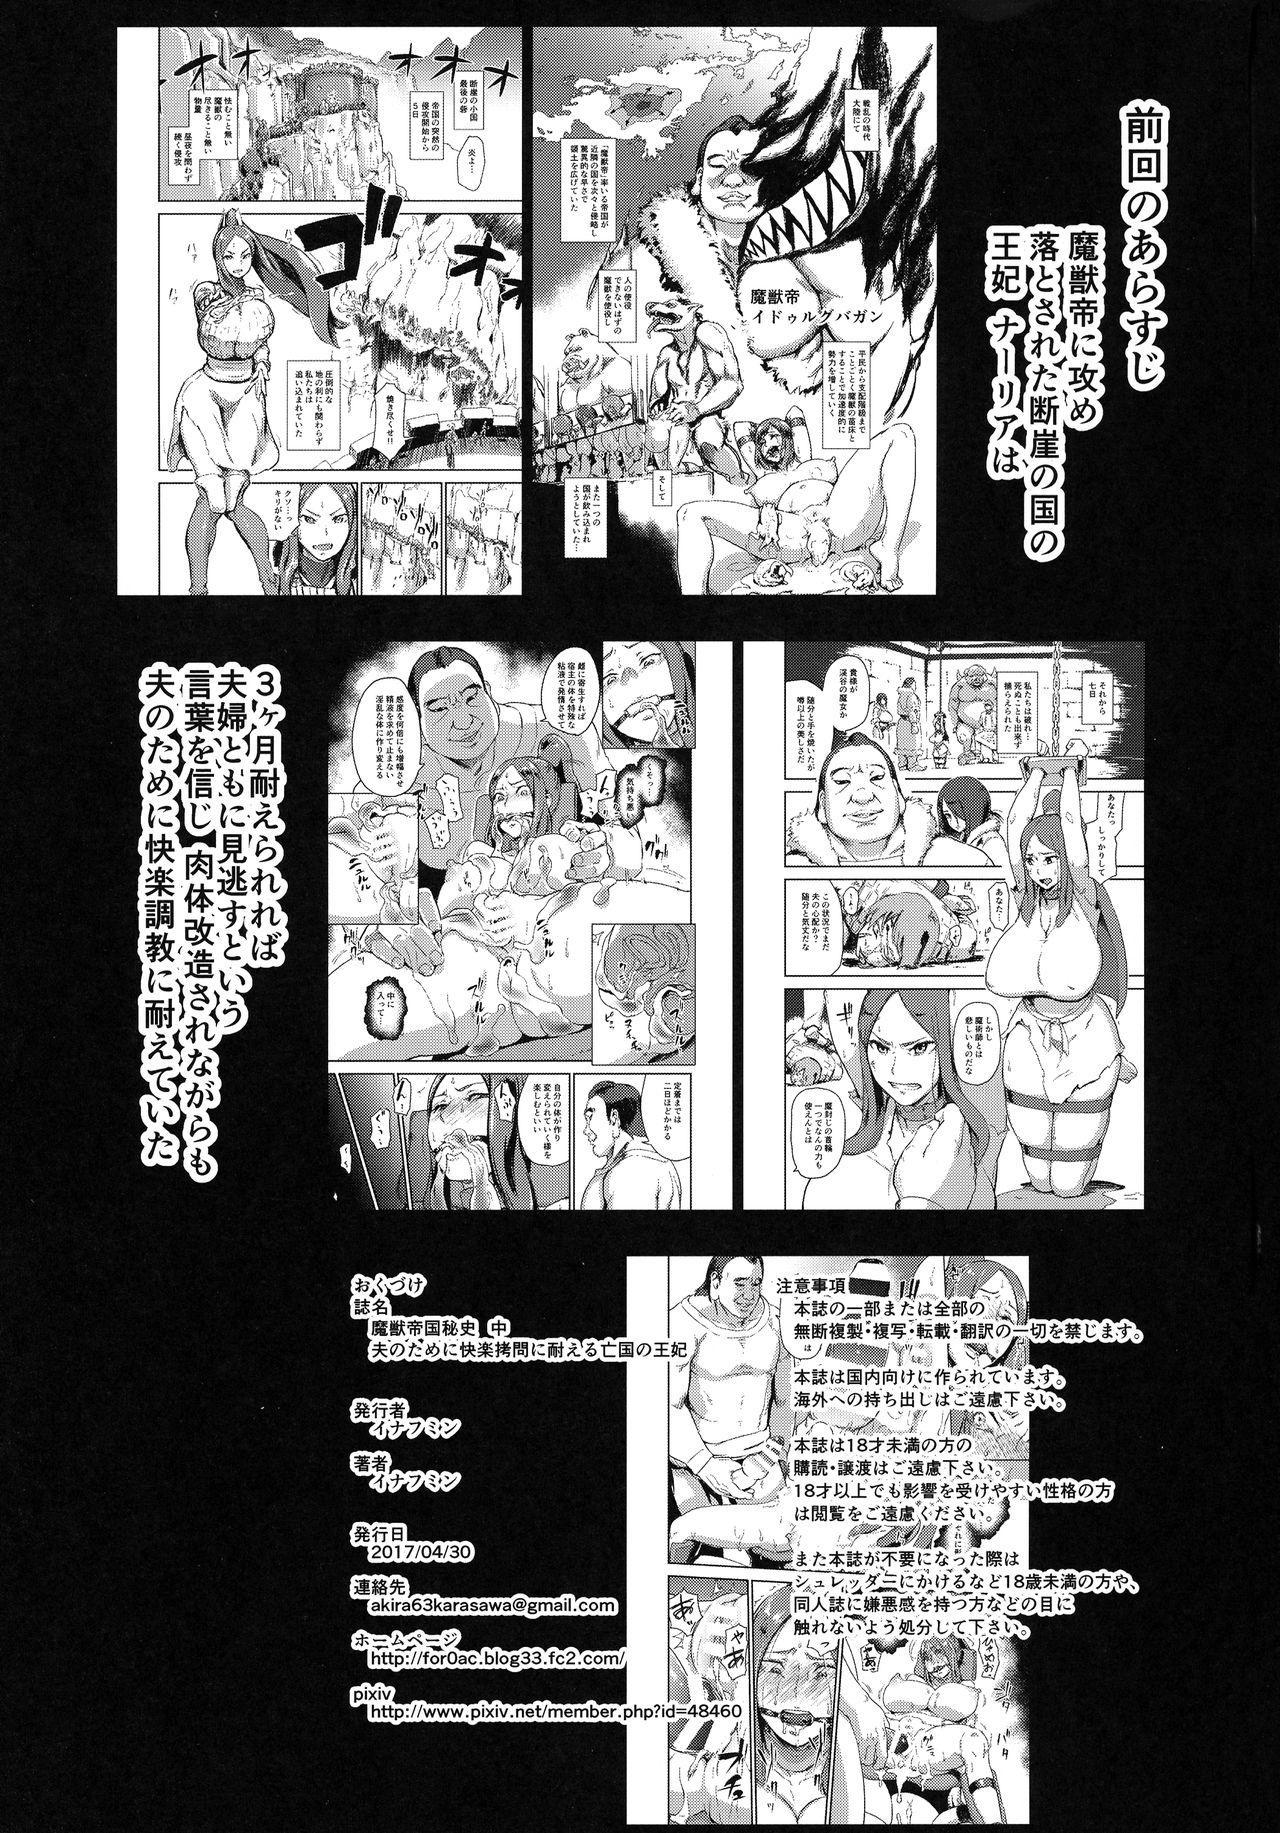 Majuu Teikoku Hishi-chuu Otto no Tame ni Kairaku Goumon ni Taeru Boukoku no Ouhi 2